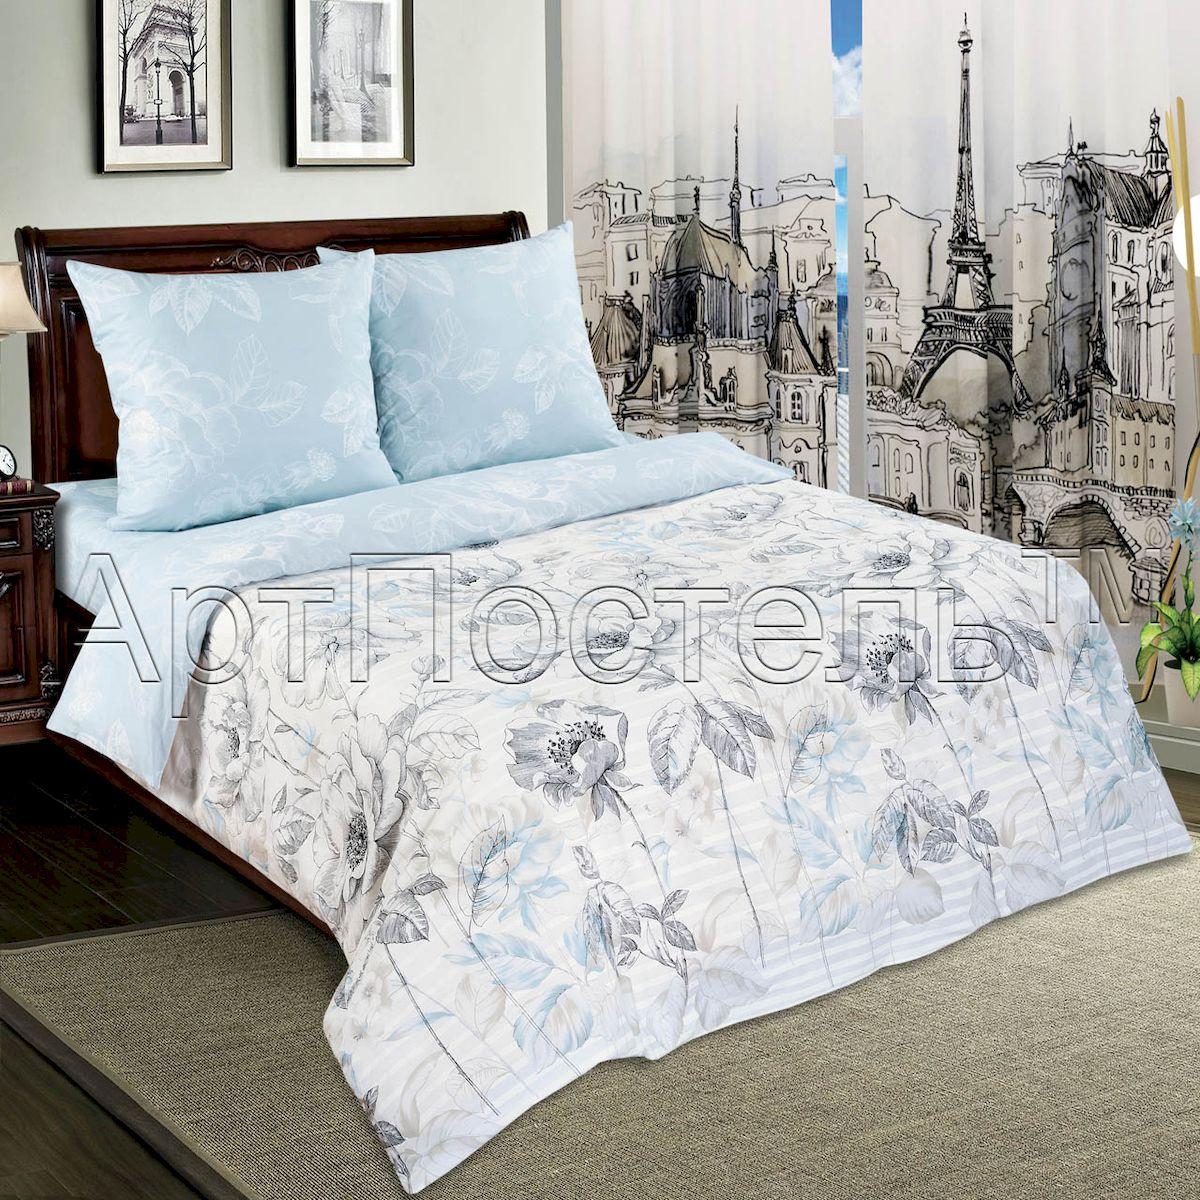 Комплект белья АртПостель Поэзия, 1,5 спальный, наволочки 70x70900Комплект постельного белья АртПостель Поэзия выполнен из поплина высочайшего качества. Комплект состоит из пододеяльника, простыни и двух наволочек. Постельное белье с ярким дизайном, имеет изысканный внешний вид. Благодаря такому комплекту постельного белья вы сможете создать атмосферу роскоши и романтики в вашей спальне.